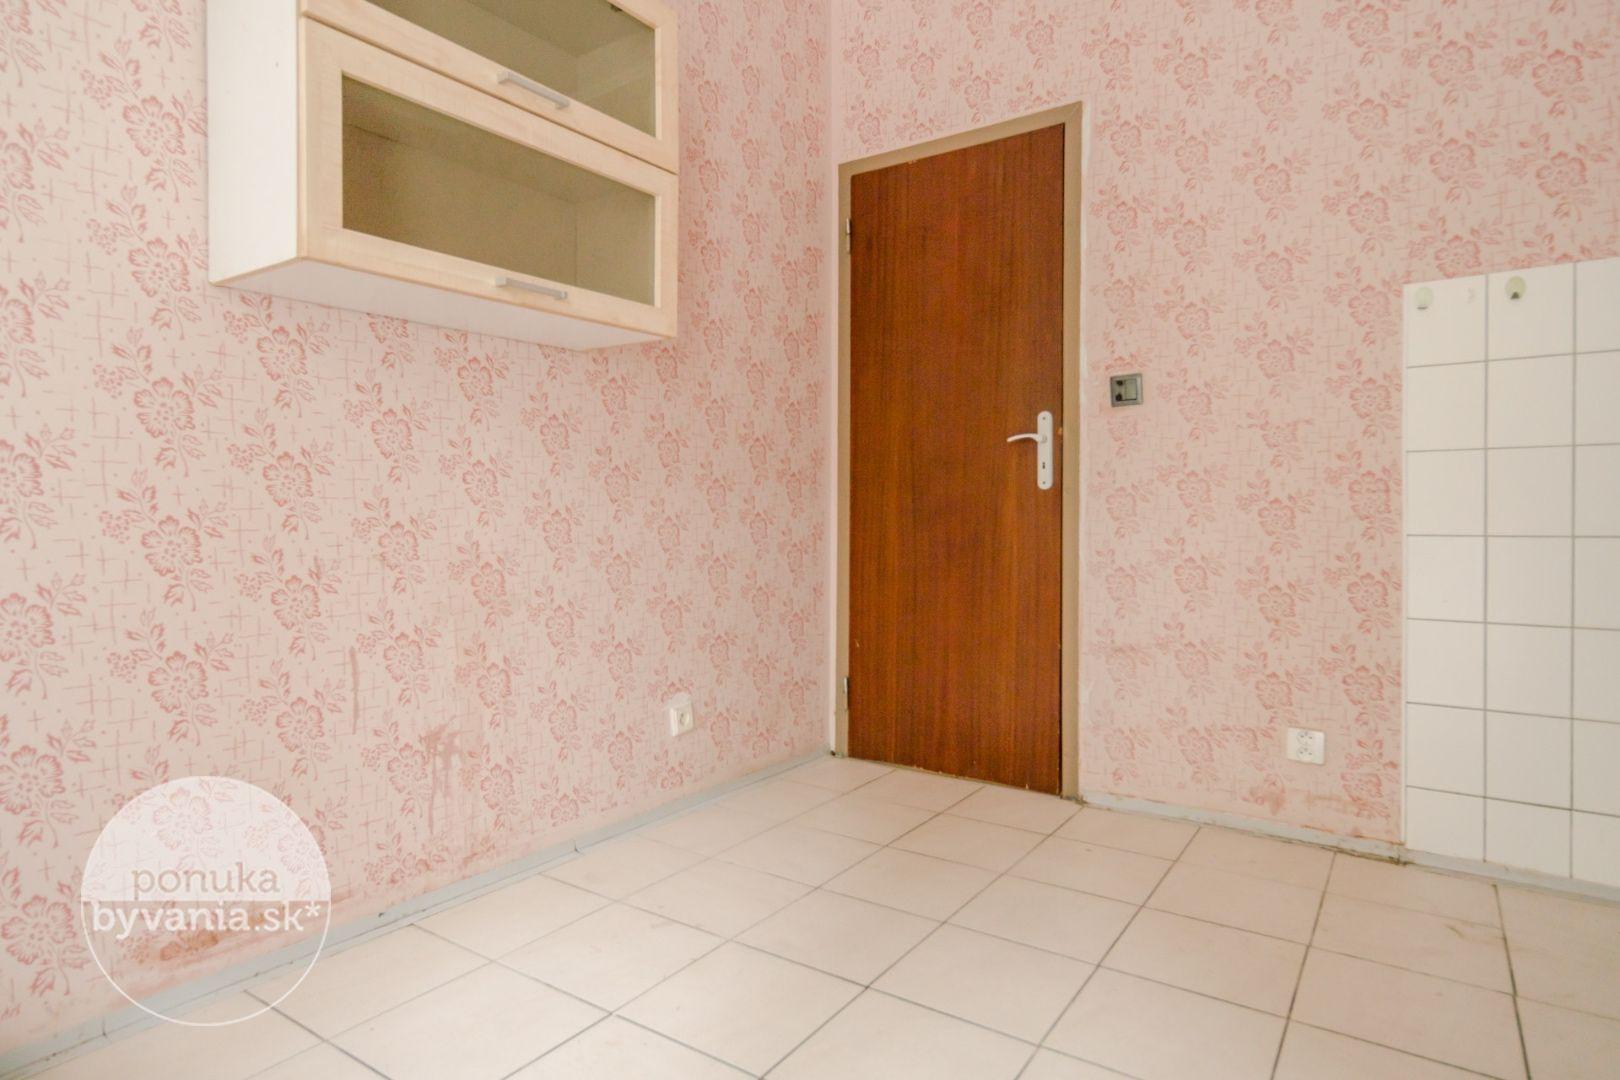 ponukabyvania.sk_Tupolevova_4-izbový-byt_BARTA